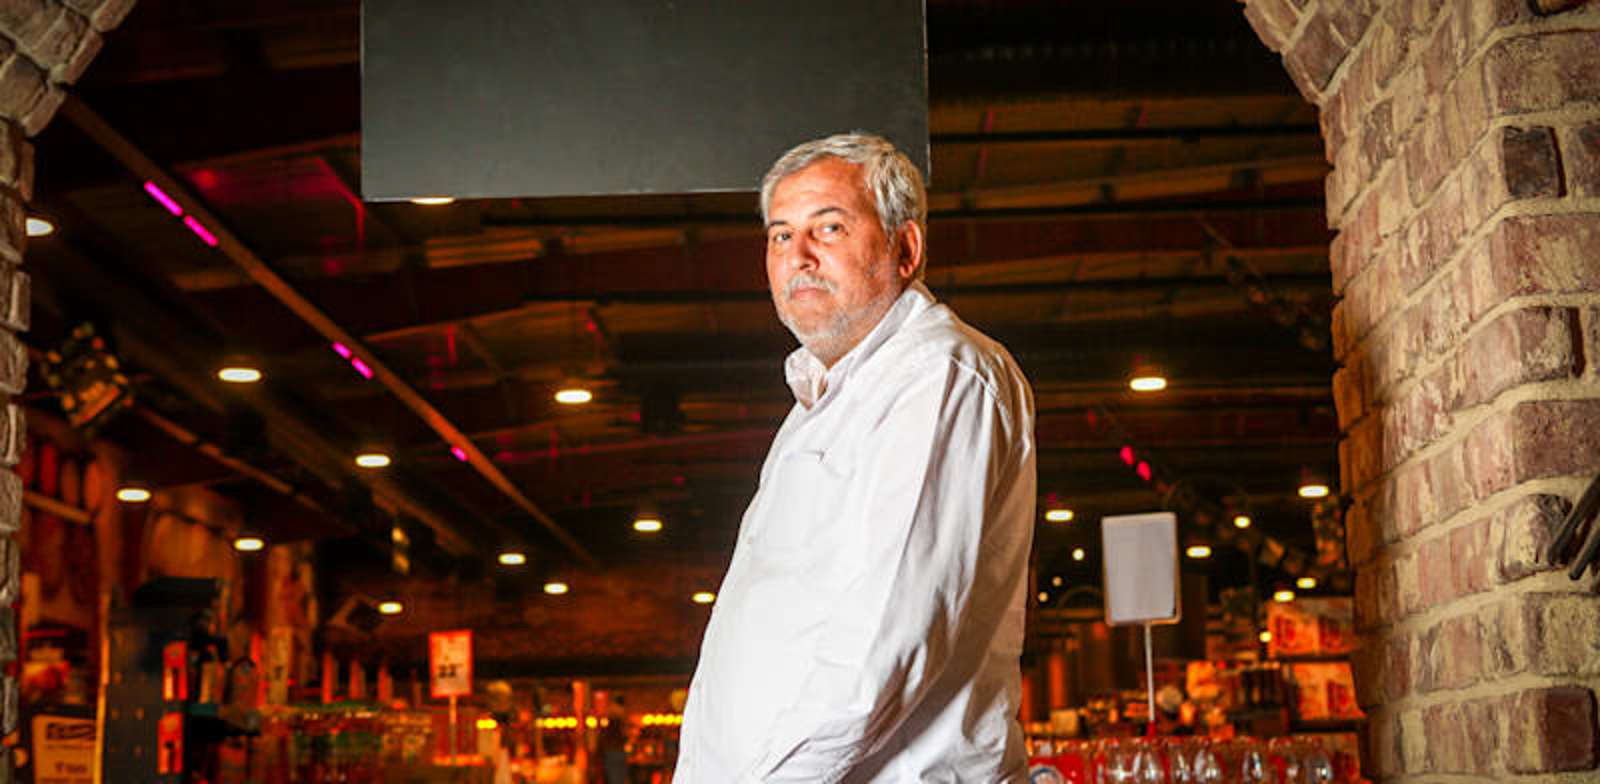 נחום ביתן, בעלי רשת יינות ביתן / צילום: שלומי יוסף